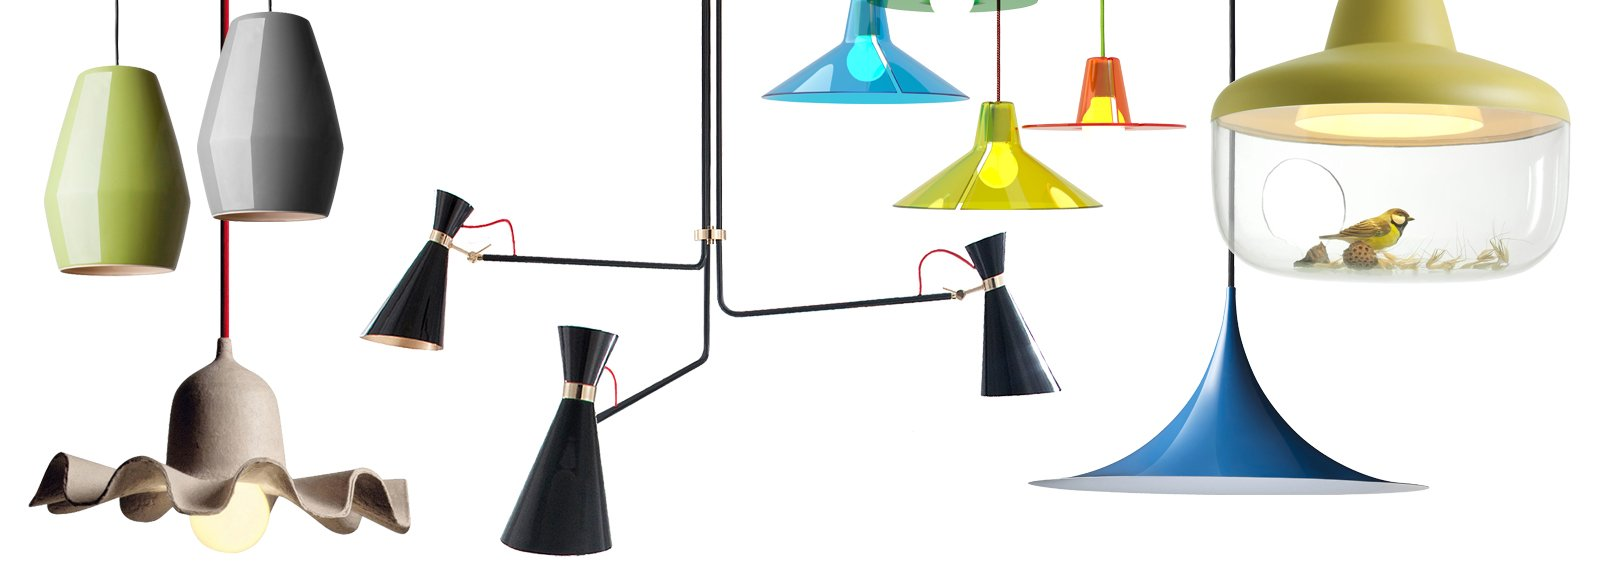 Lampade e lampadari a sospensione in tre stili diversi ...